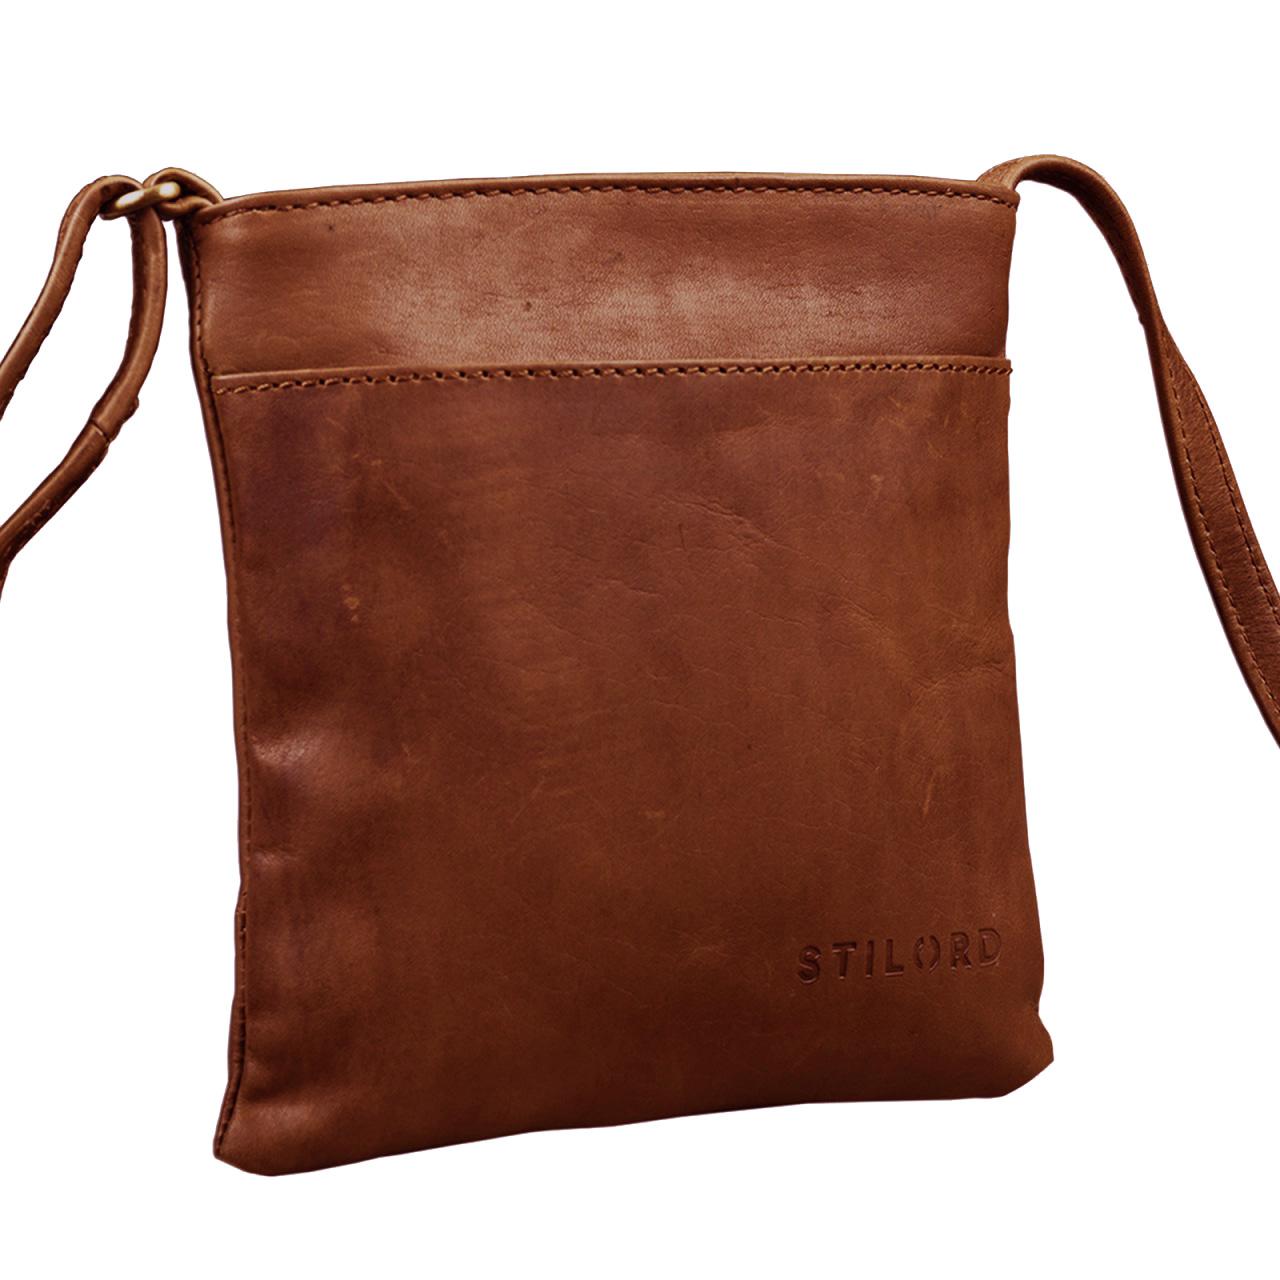 """STILORD """"Lana"""" kleine Umhängetasche Damen Ausgehtasche Schultertasche Handtasche echtes Büffel Leder Vintage Design - Bild 6"""